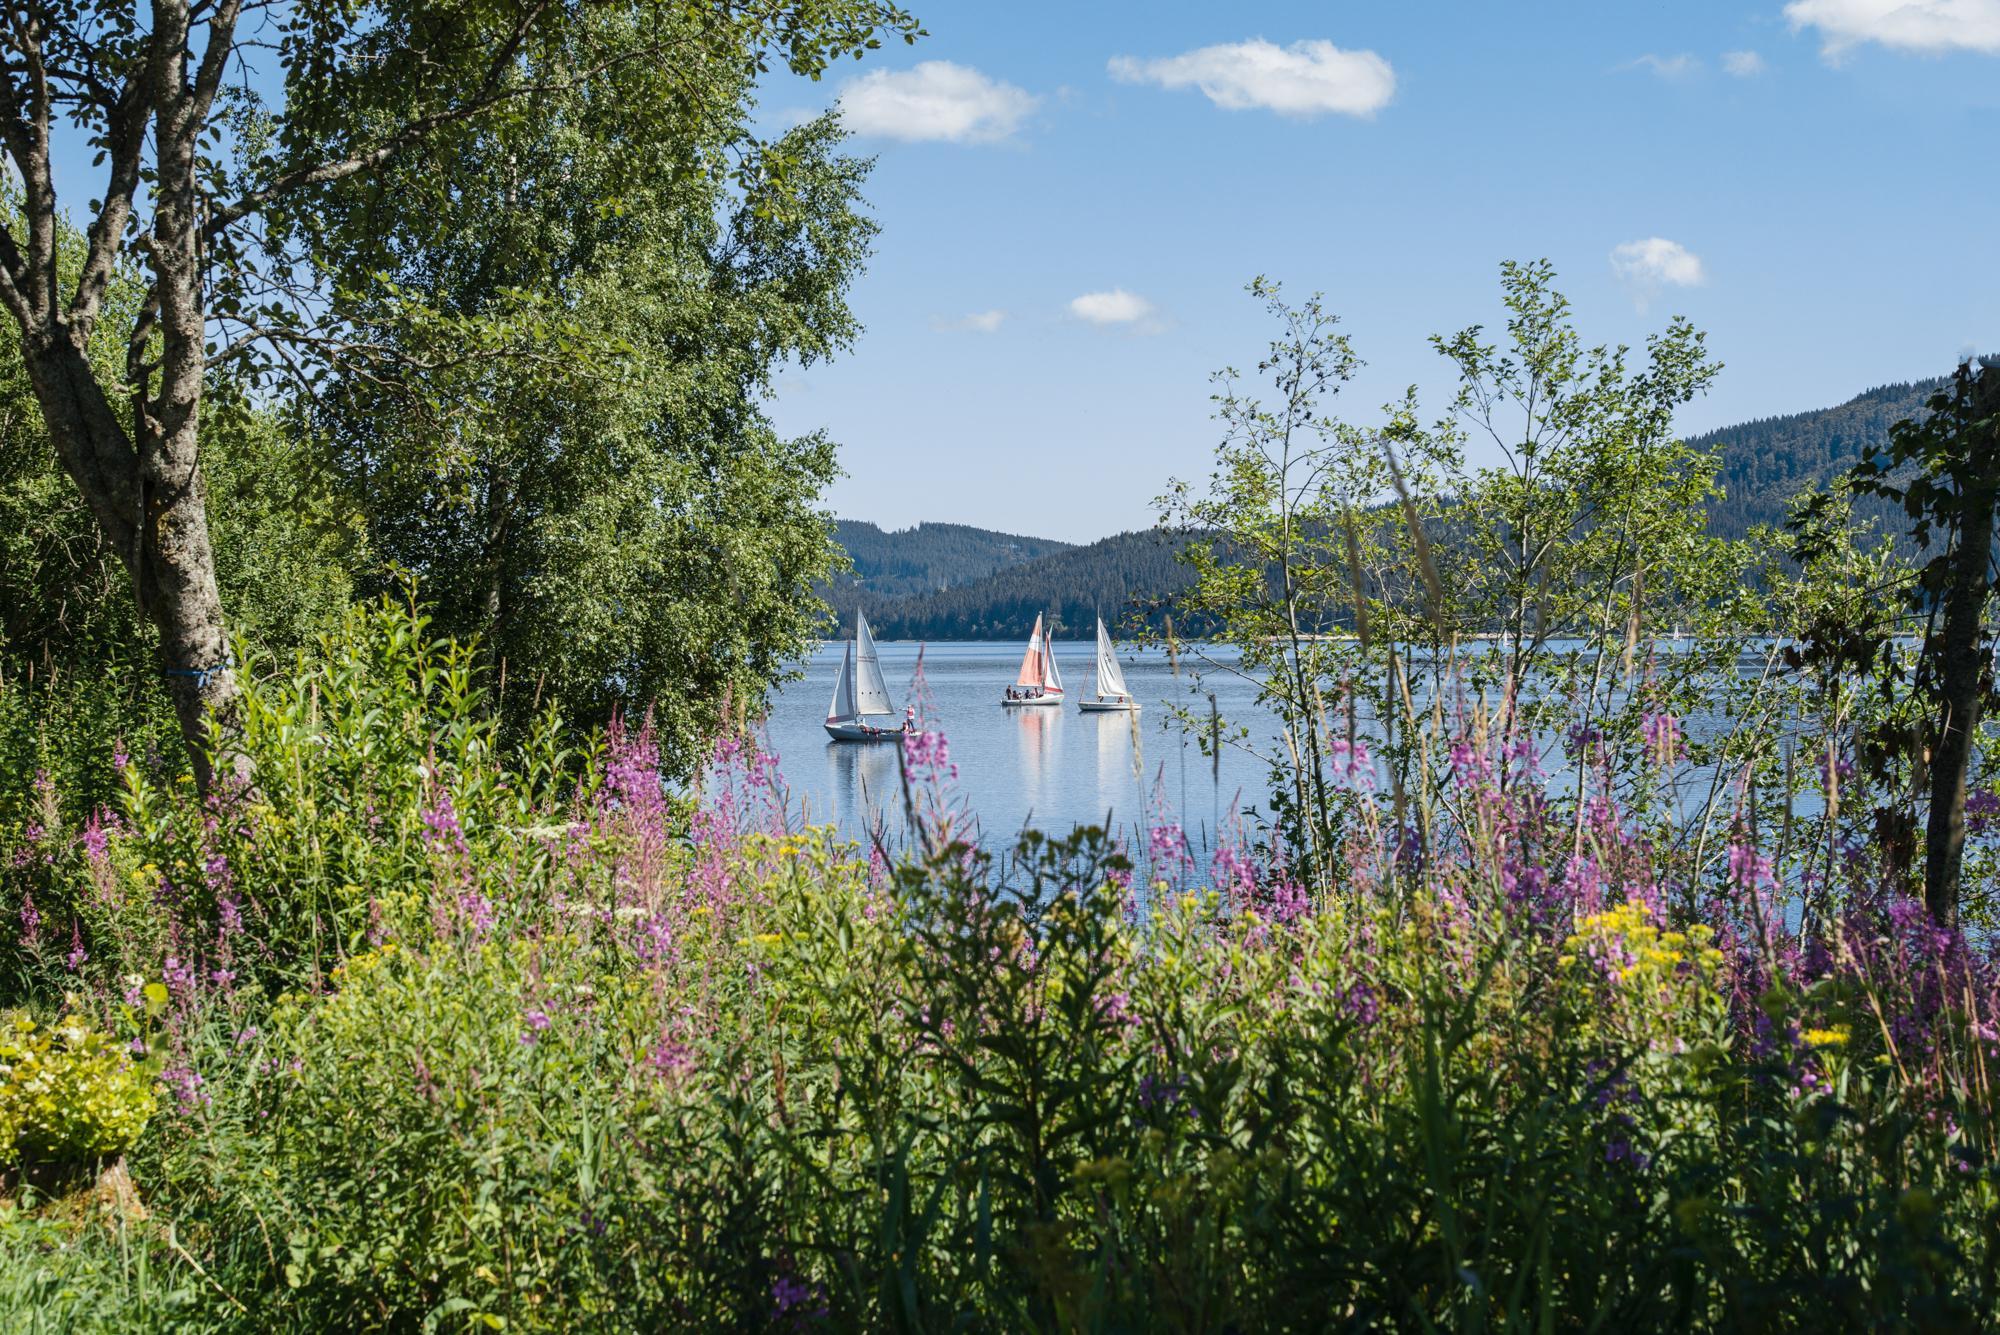 Blick durch Wiese auf Schluchsee mit Booten